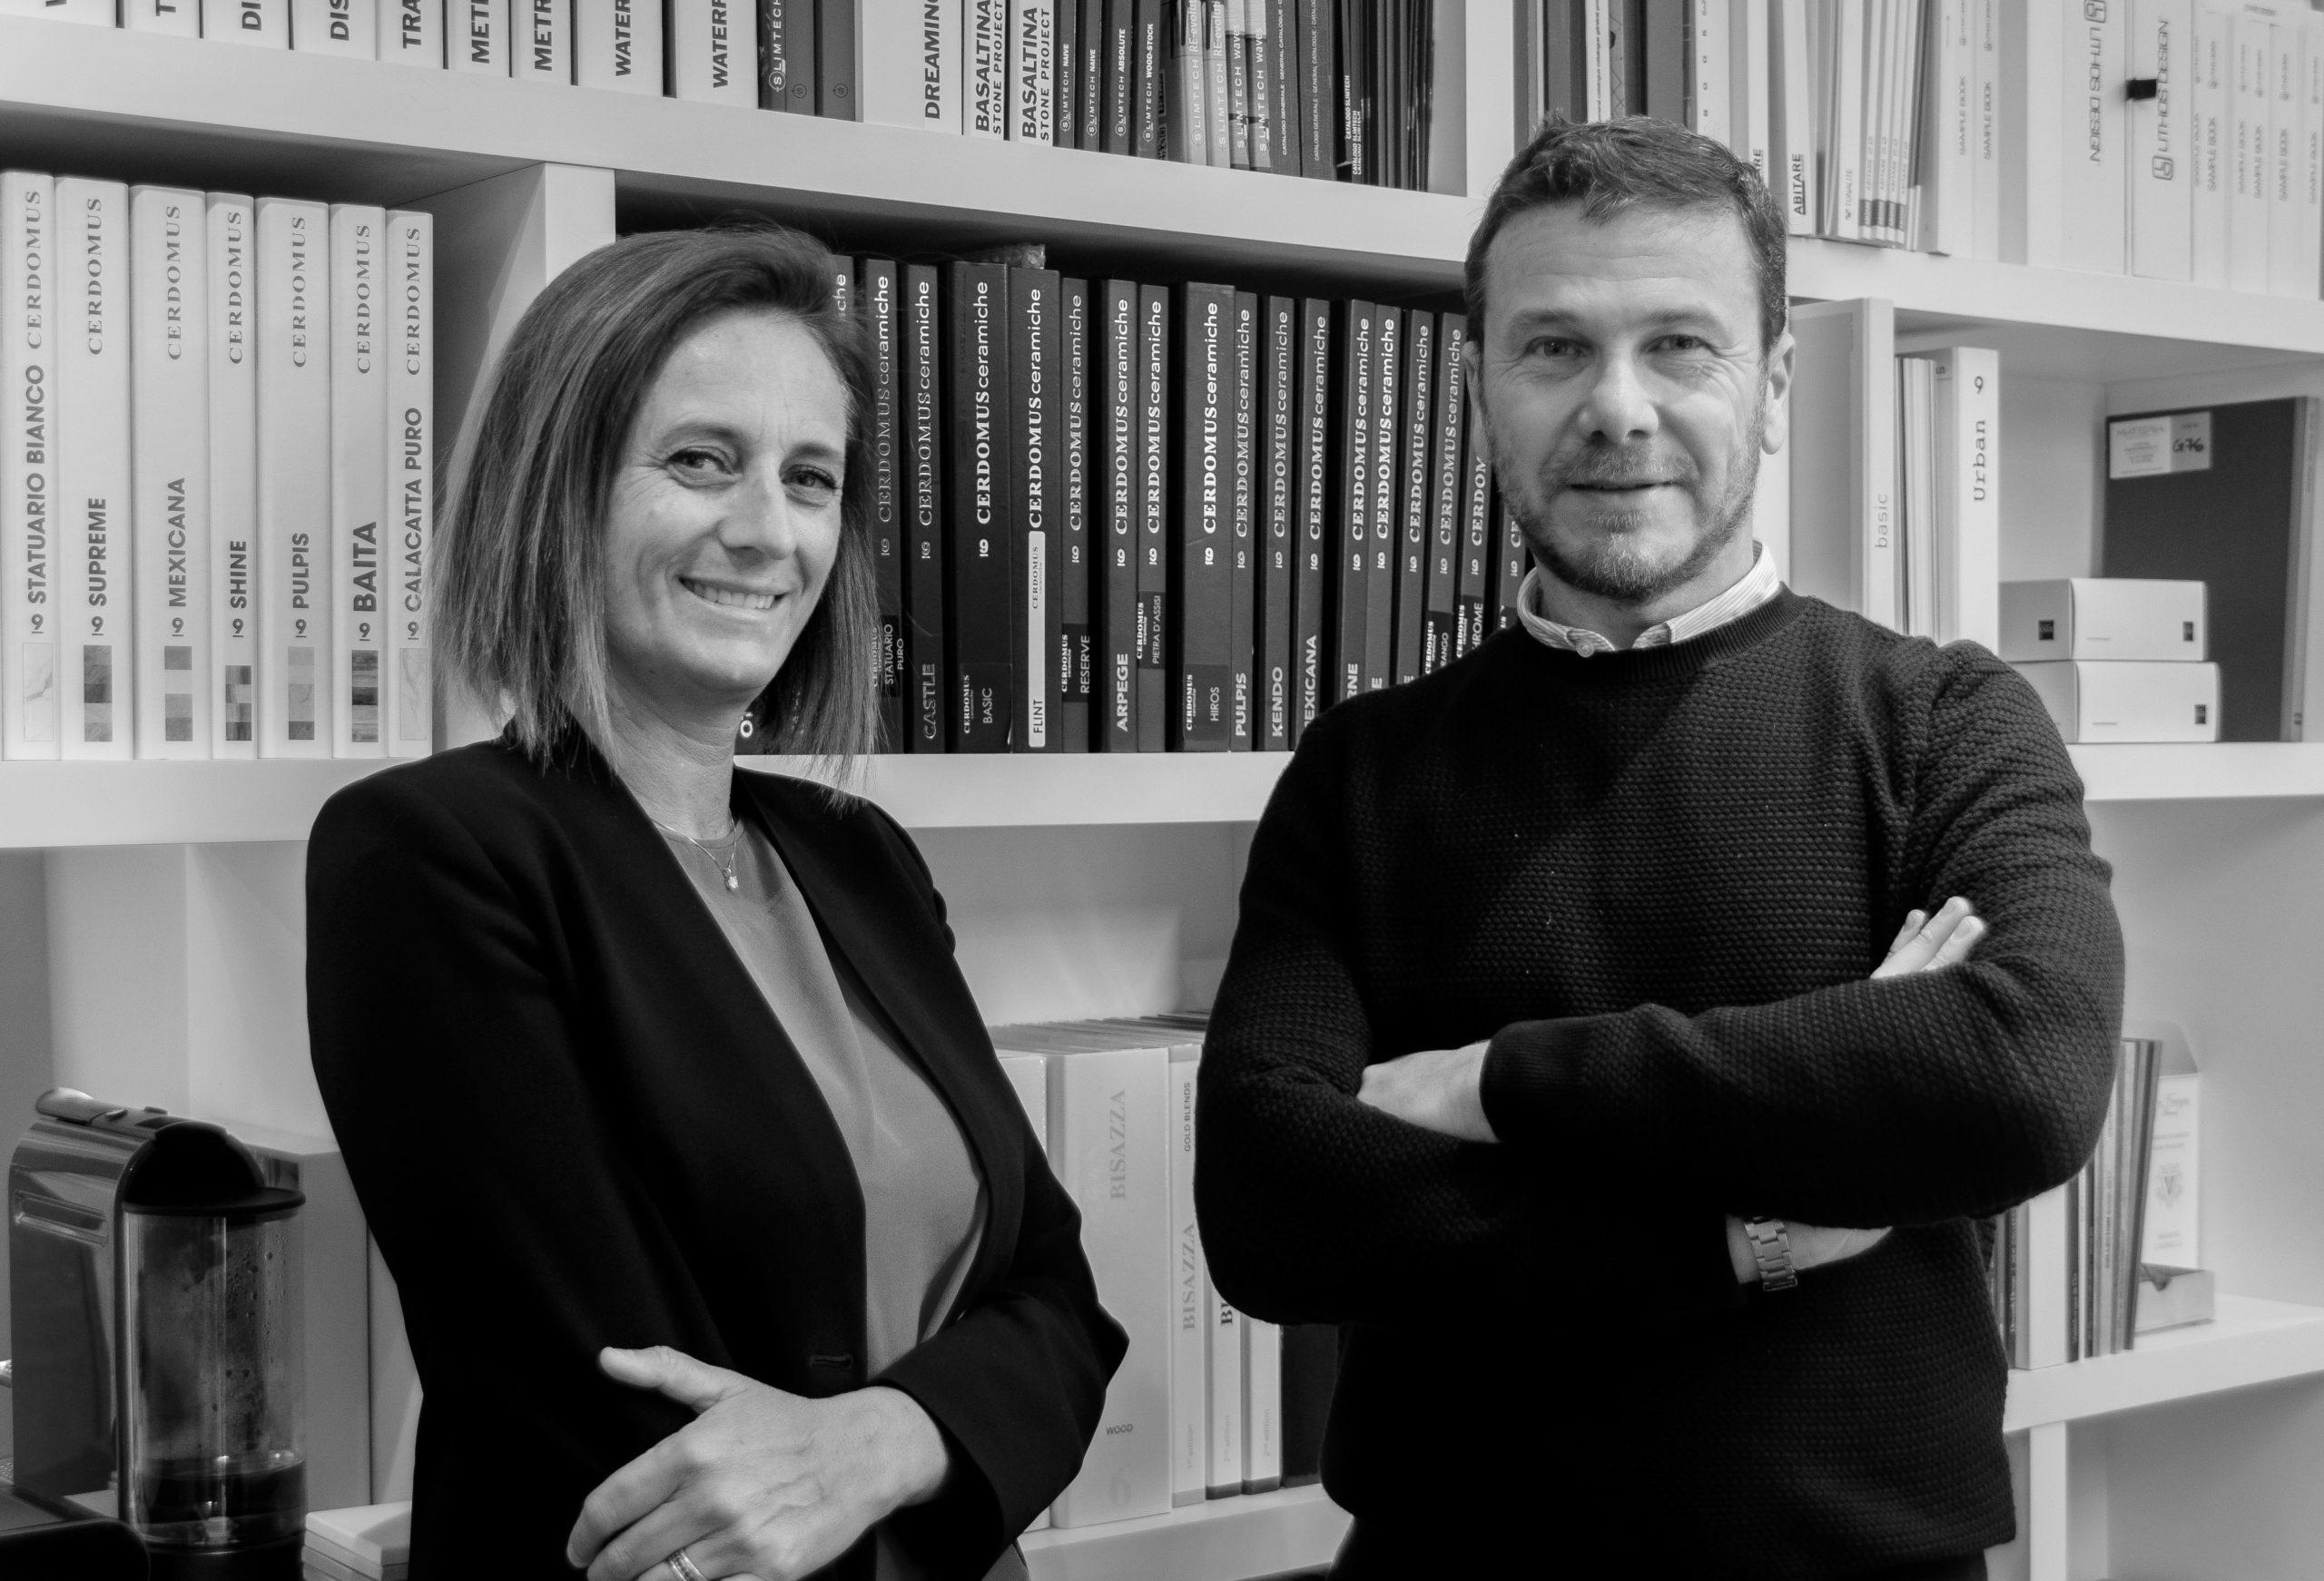 Lara Del Chiaro and Massimo Musso